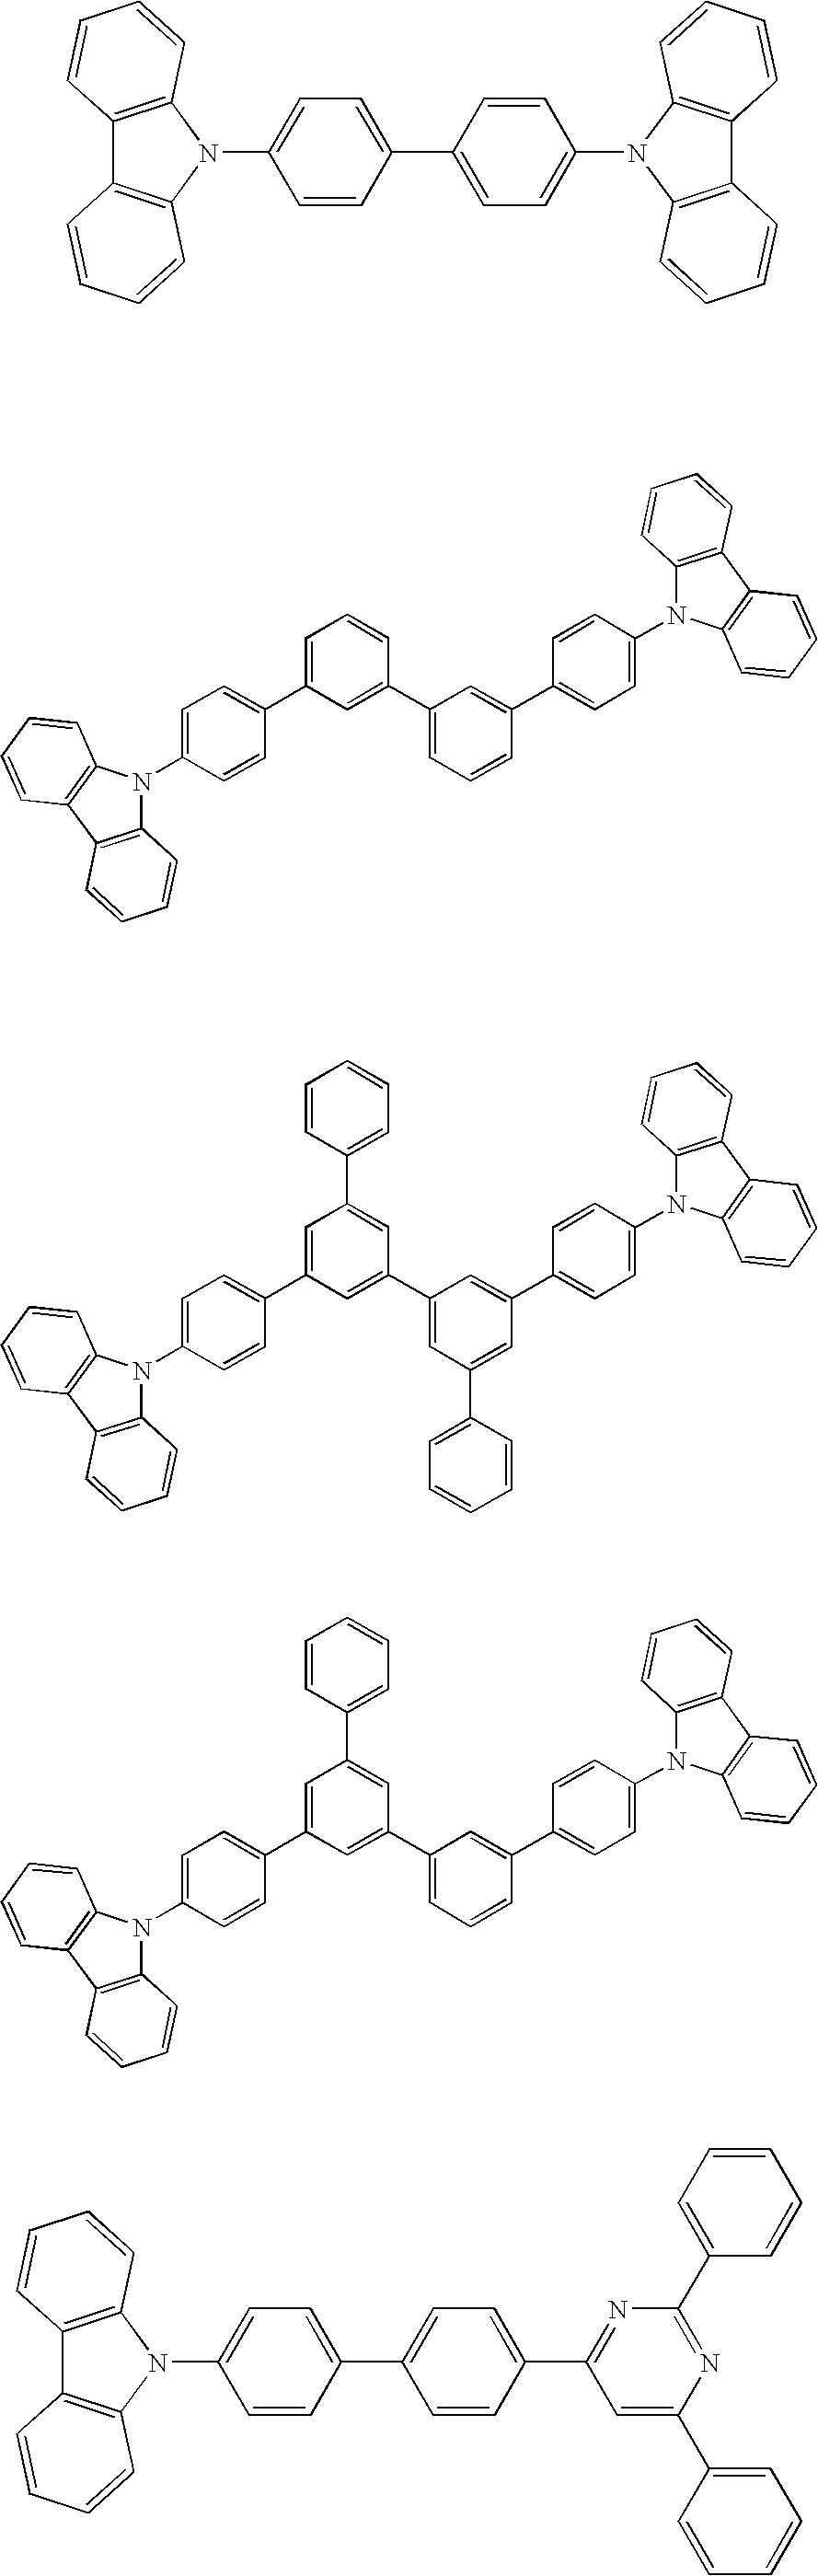 Figure US20090066235A1-20090312-C00079